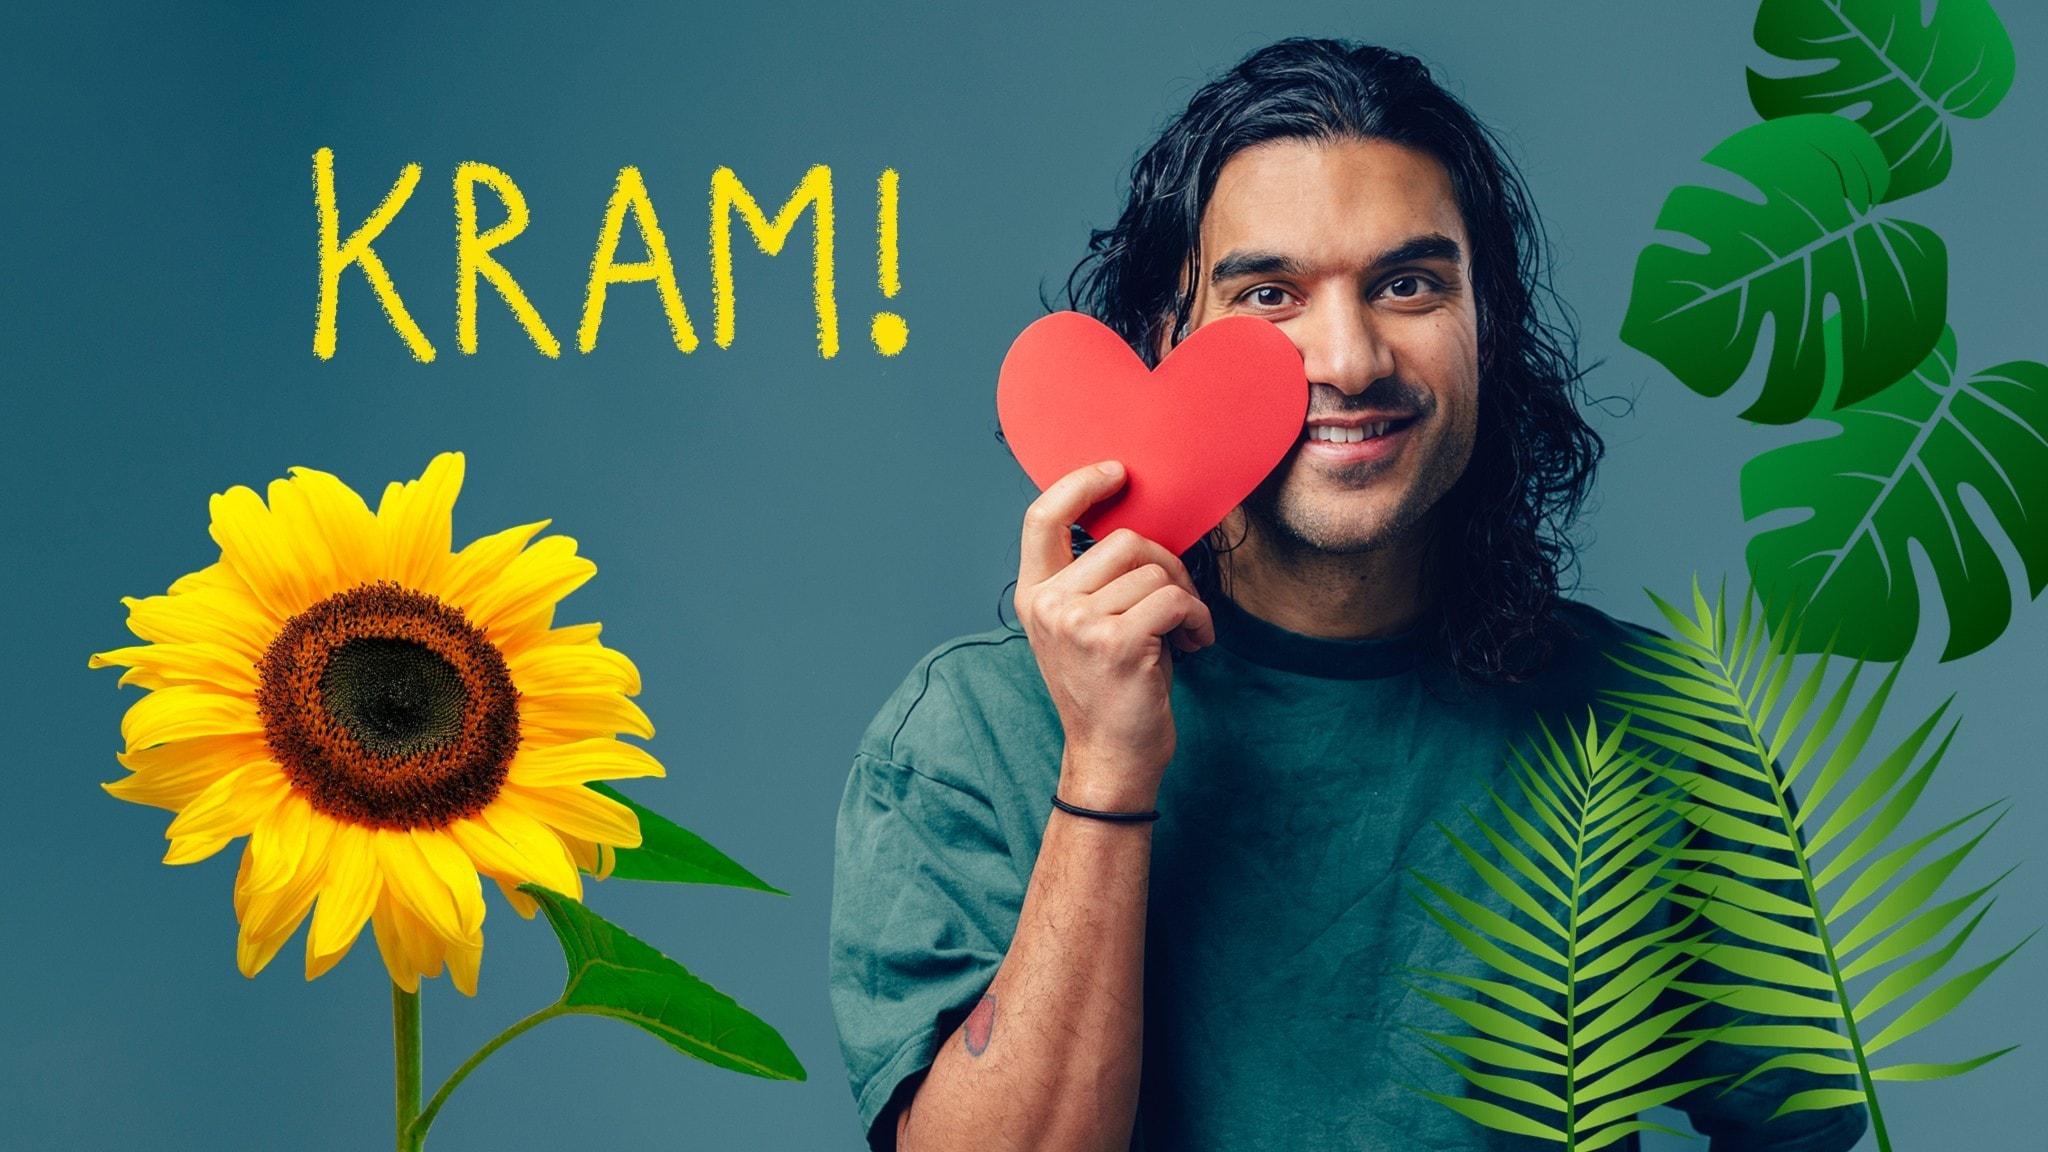 Farzad håller i ett hjärta och det är många gröna blad och växter i bilden. Foto: Alexander Donka